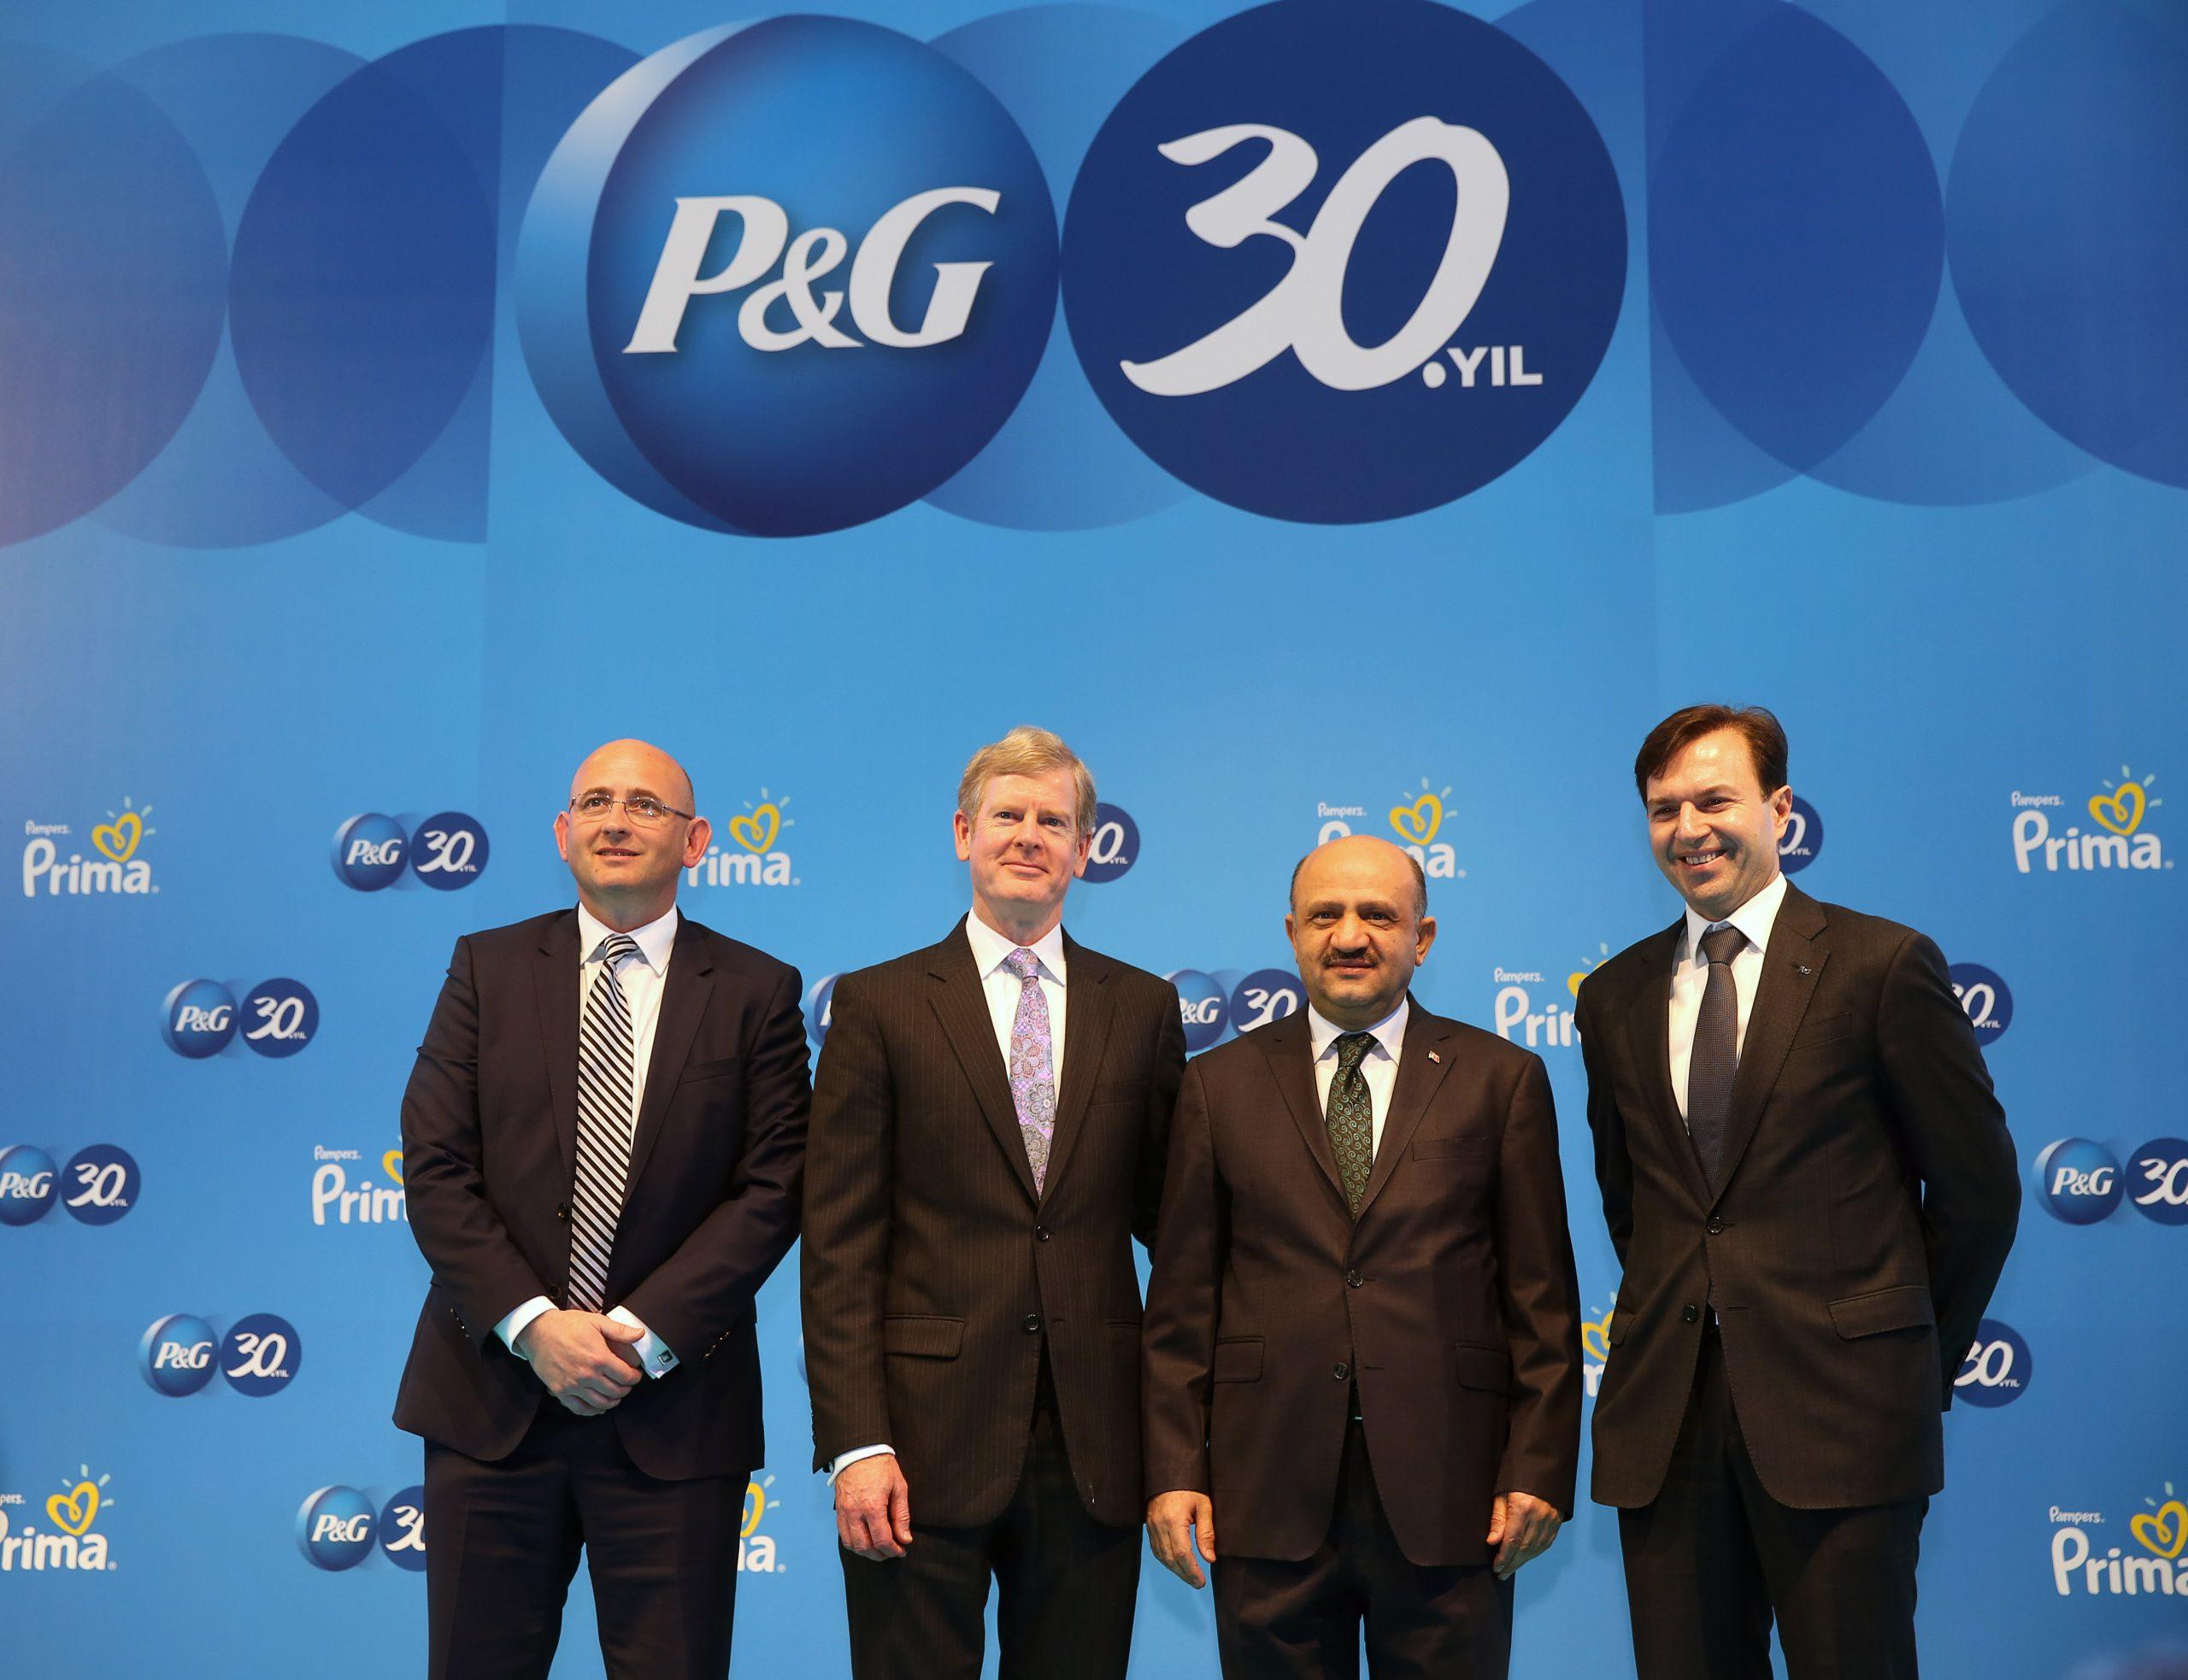 p-g-turkiye-deki-30-uncu-yilinda-dunya-standartlarindaki-yeni-yatirimlarini